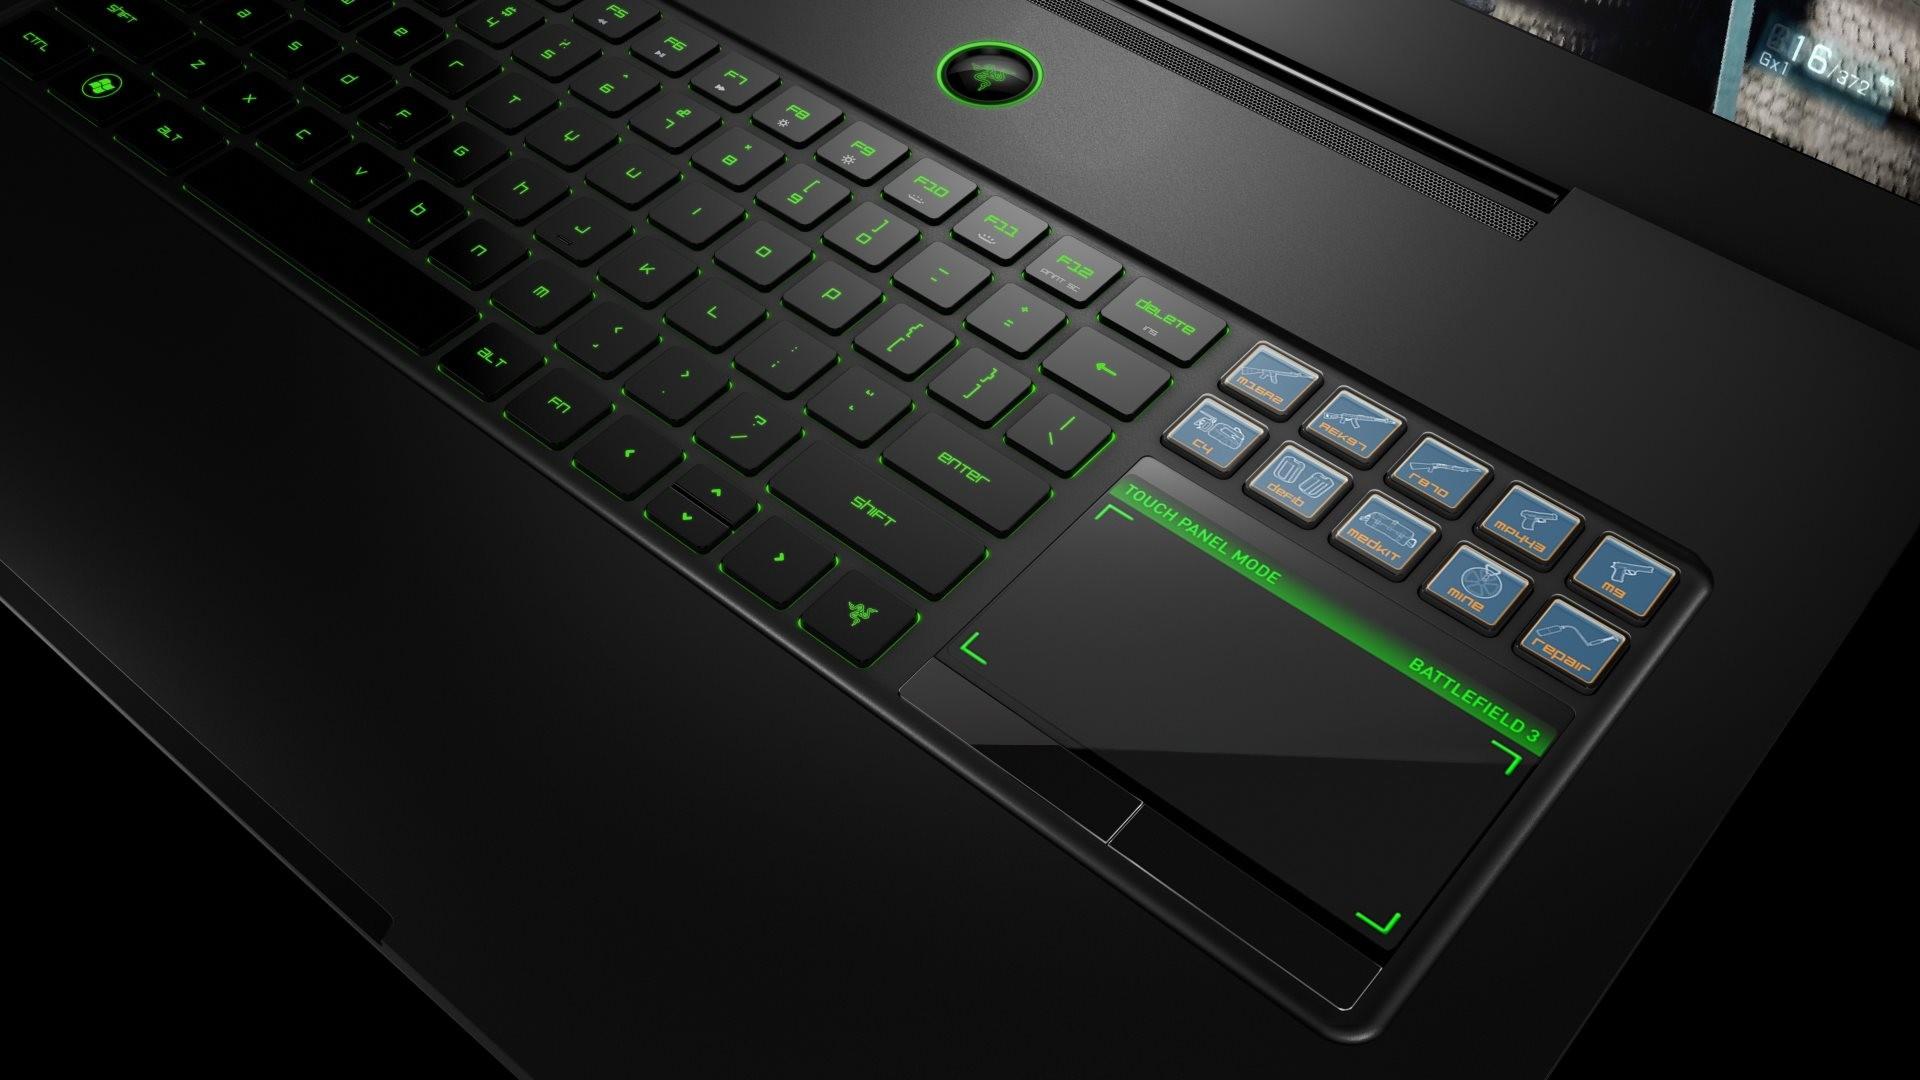 4K HD Wallpaper: Razer Blade Ultra-Thin Gaming Laptop